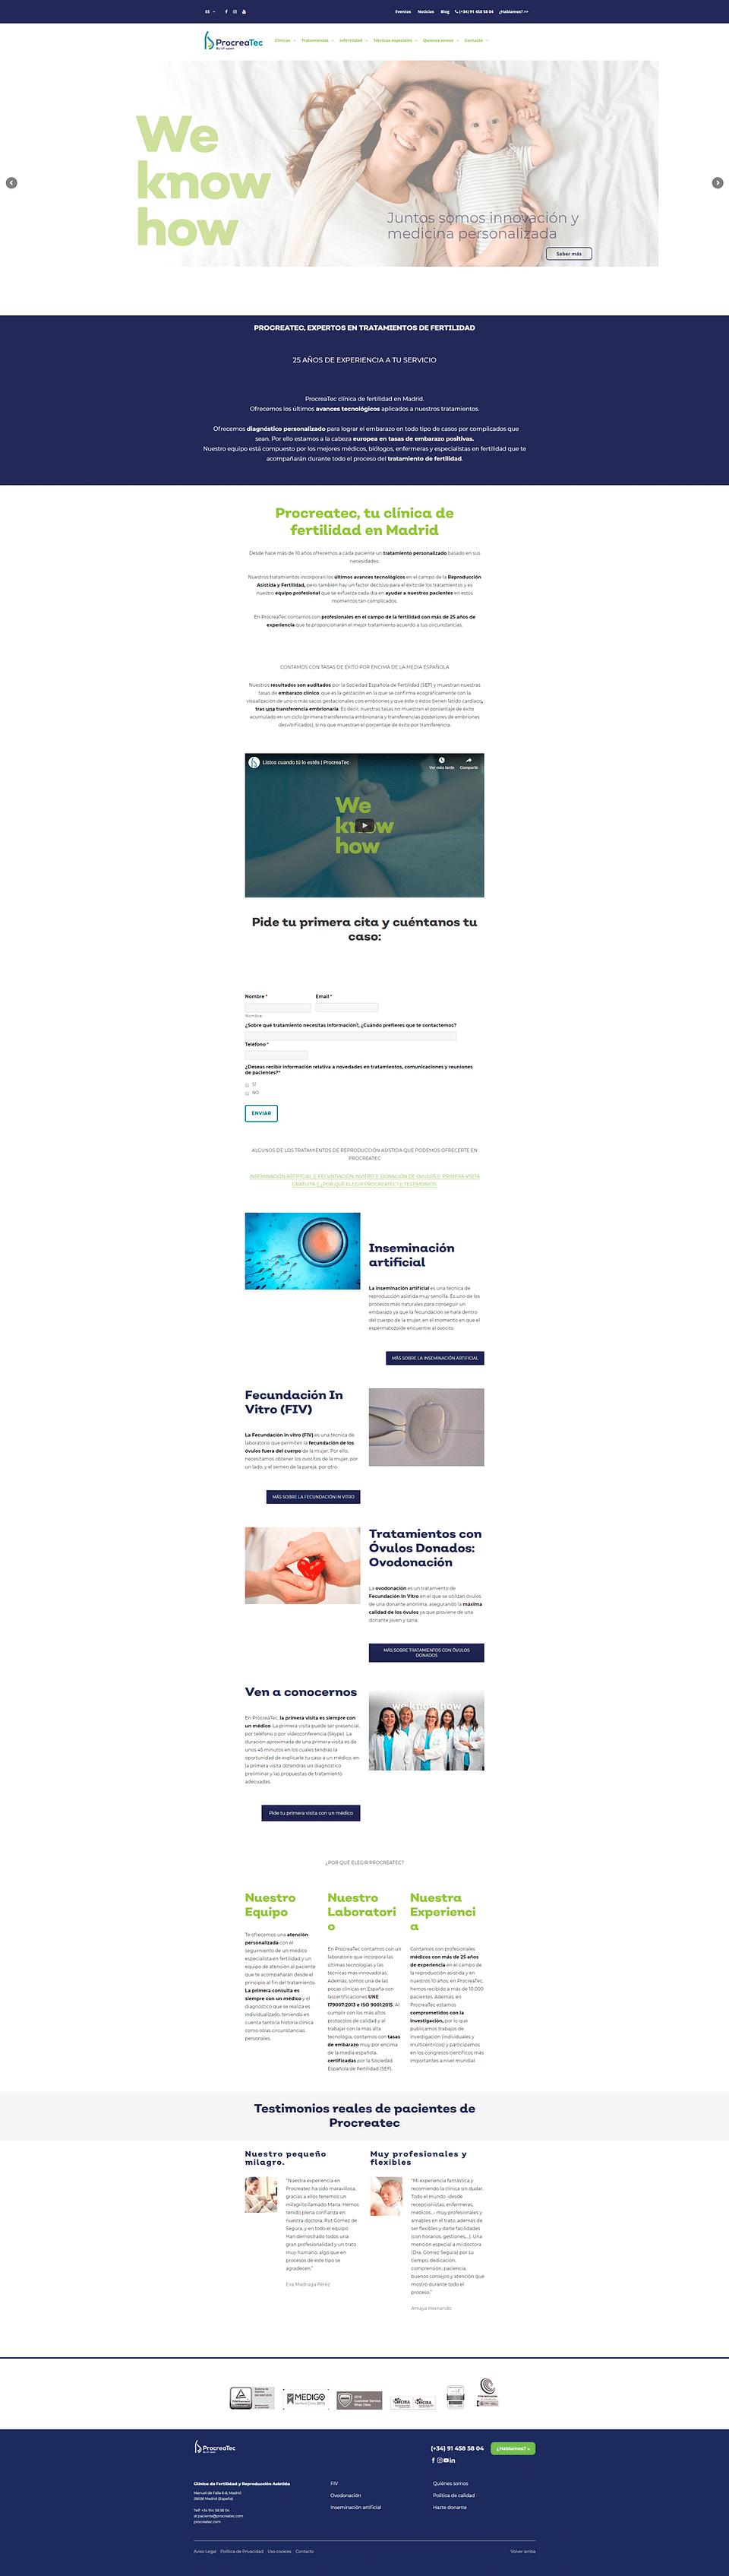 Desarrollo webs corporativas en sector salud